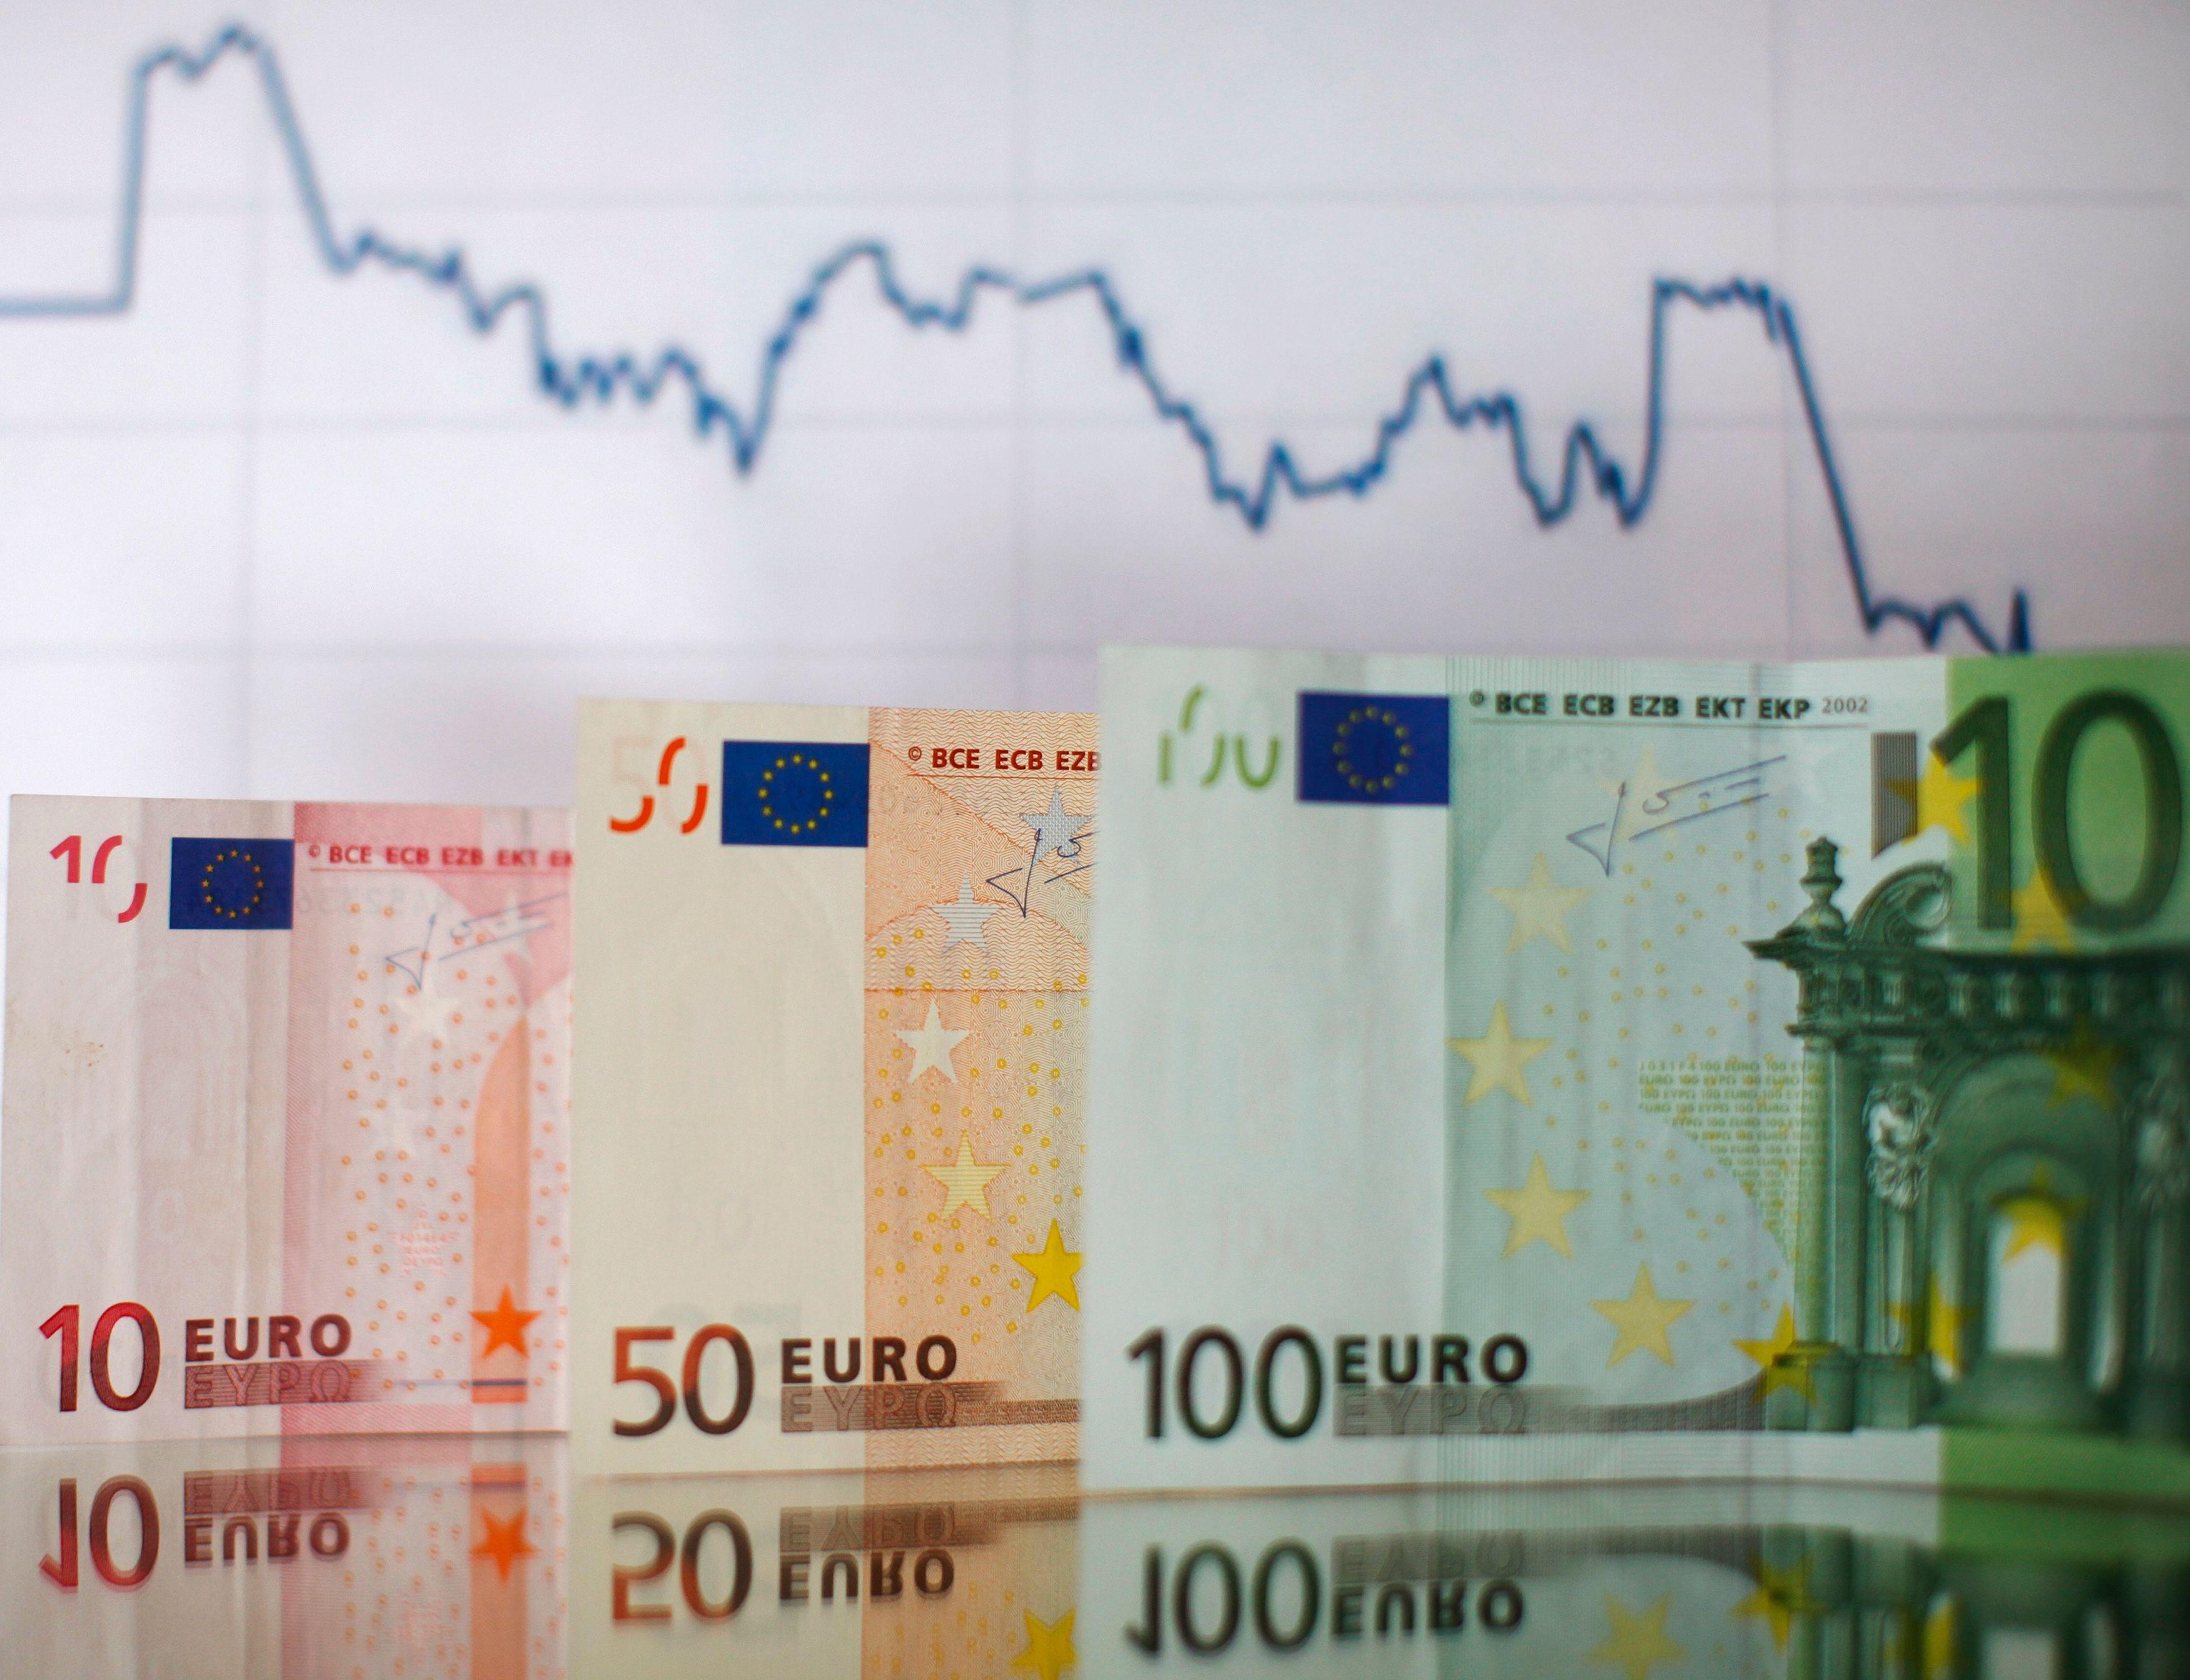 Seulement 4% des Français pensent que la situation économique du pays s'améliore.